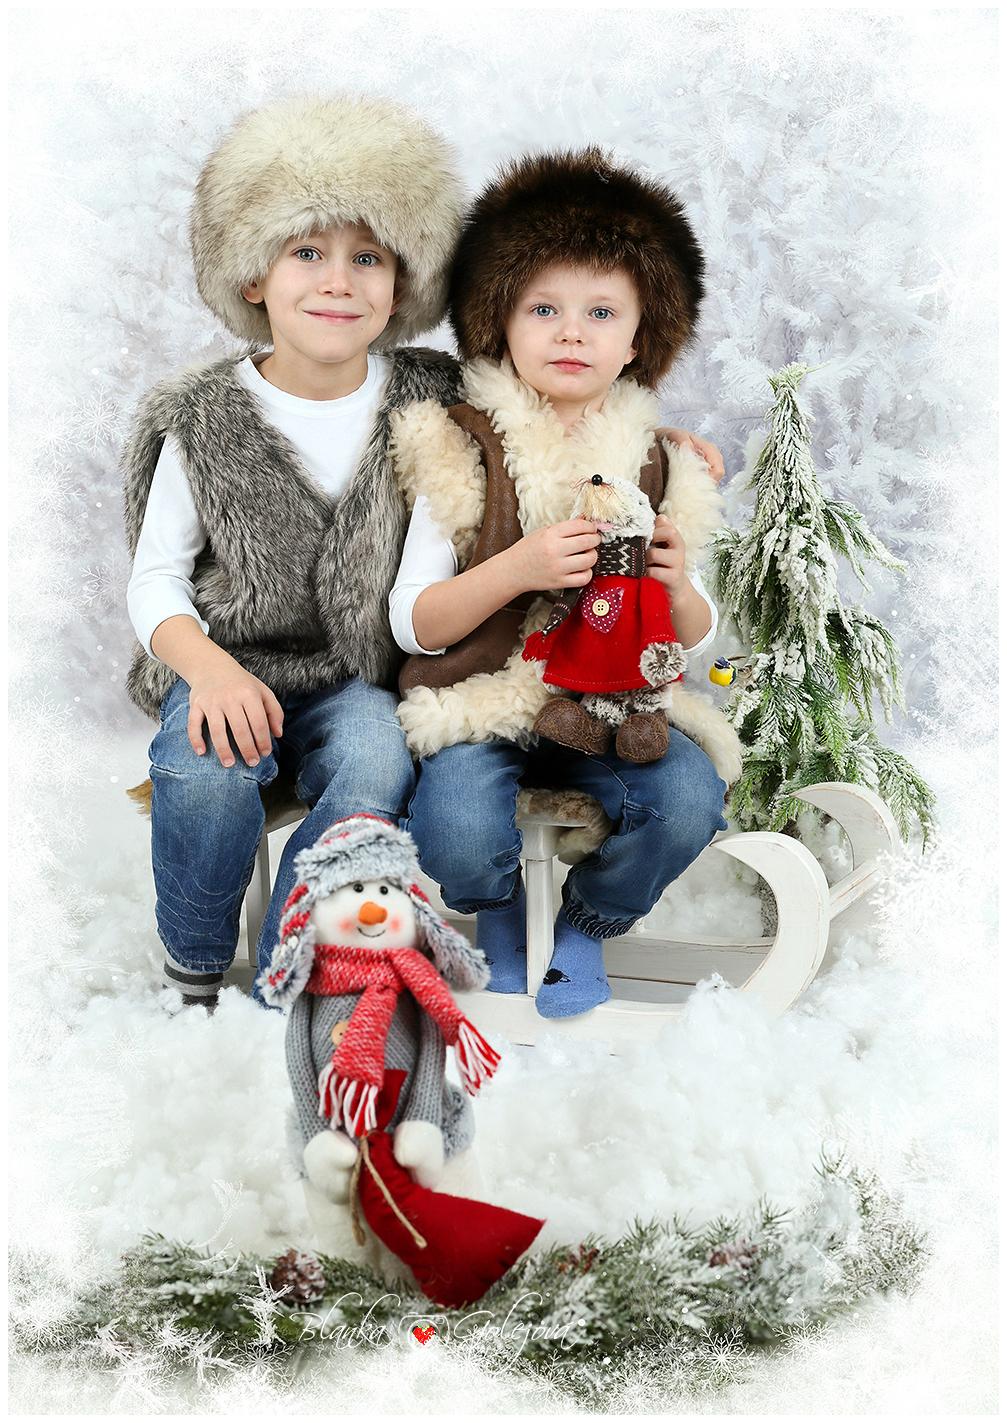 Vianočné fotenie škola